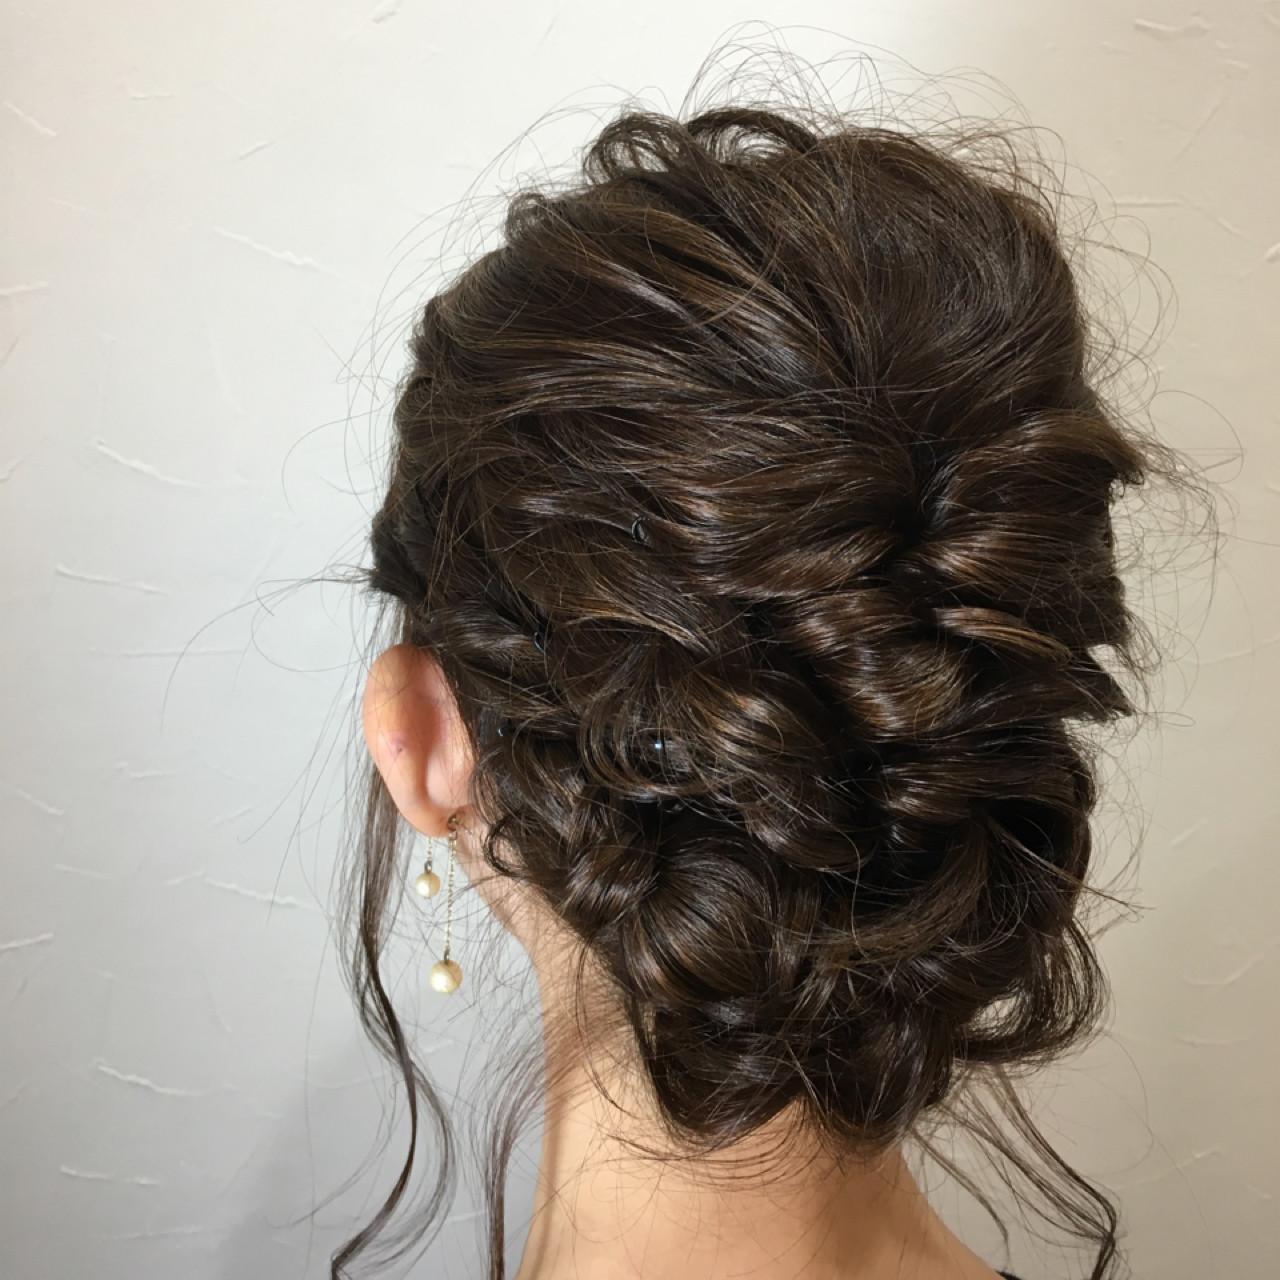 結婚式などのお呼ばれヘアにも ⓂⒾⓎⓊⓀⒾ